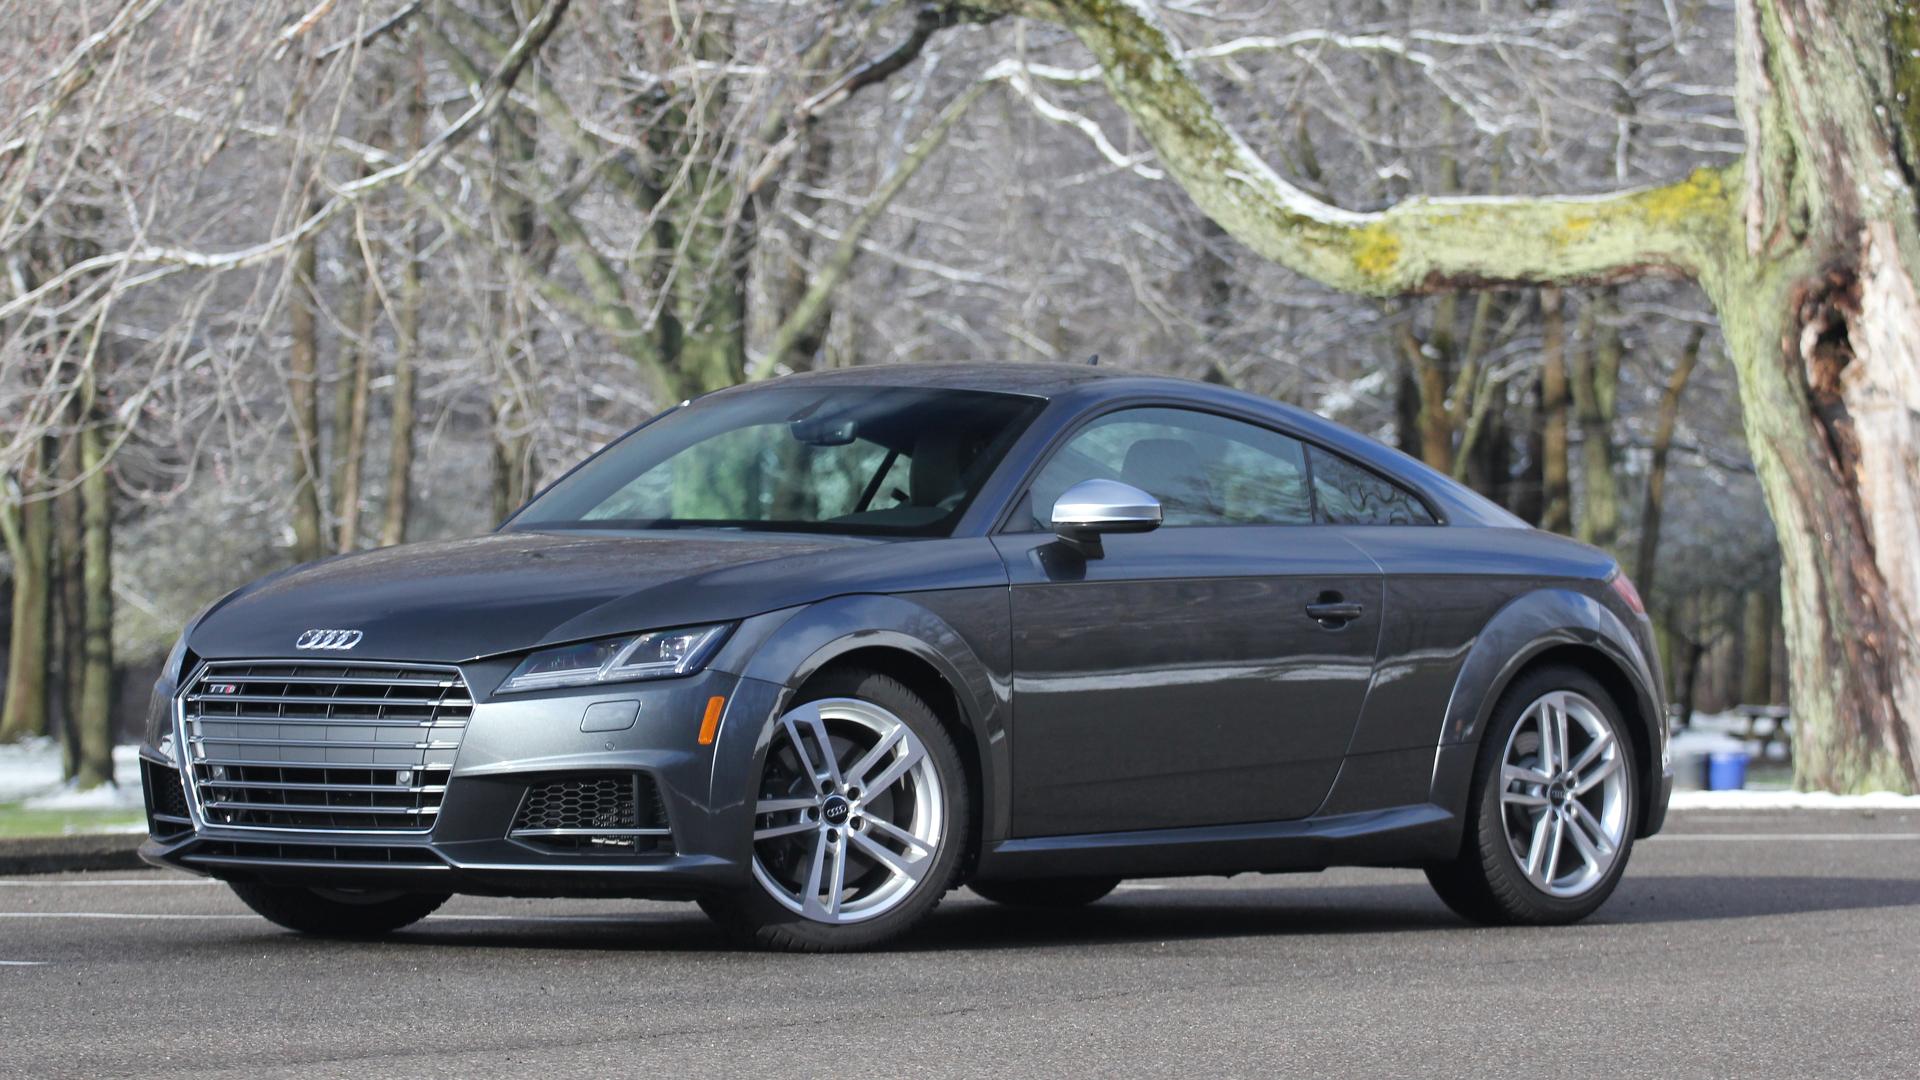 Kelebihan Tts Audi Top Model Tahun Ini